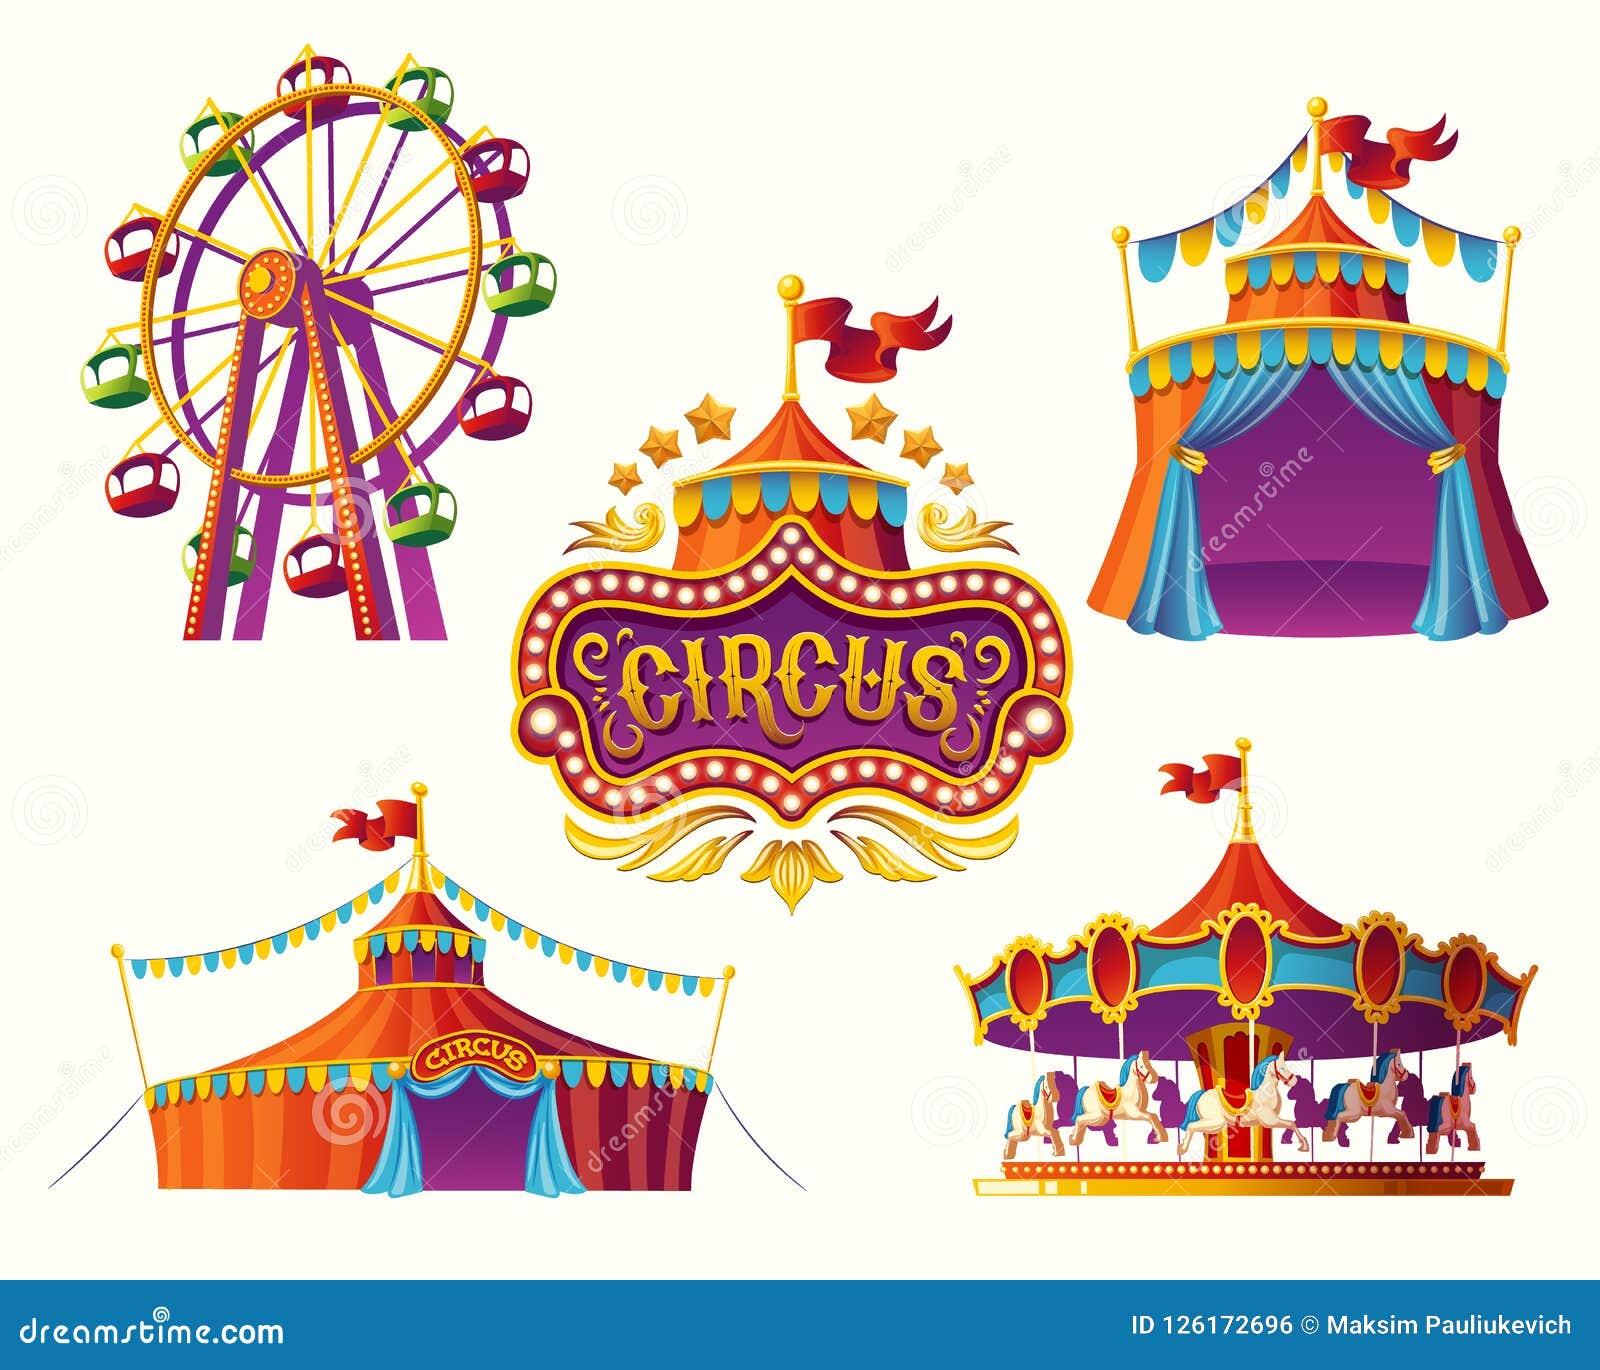 Carnaval-circuspictogrammen met een tent, carrousels, vlaggen